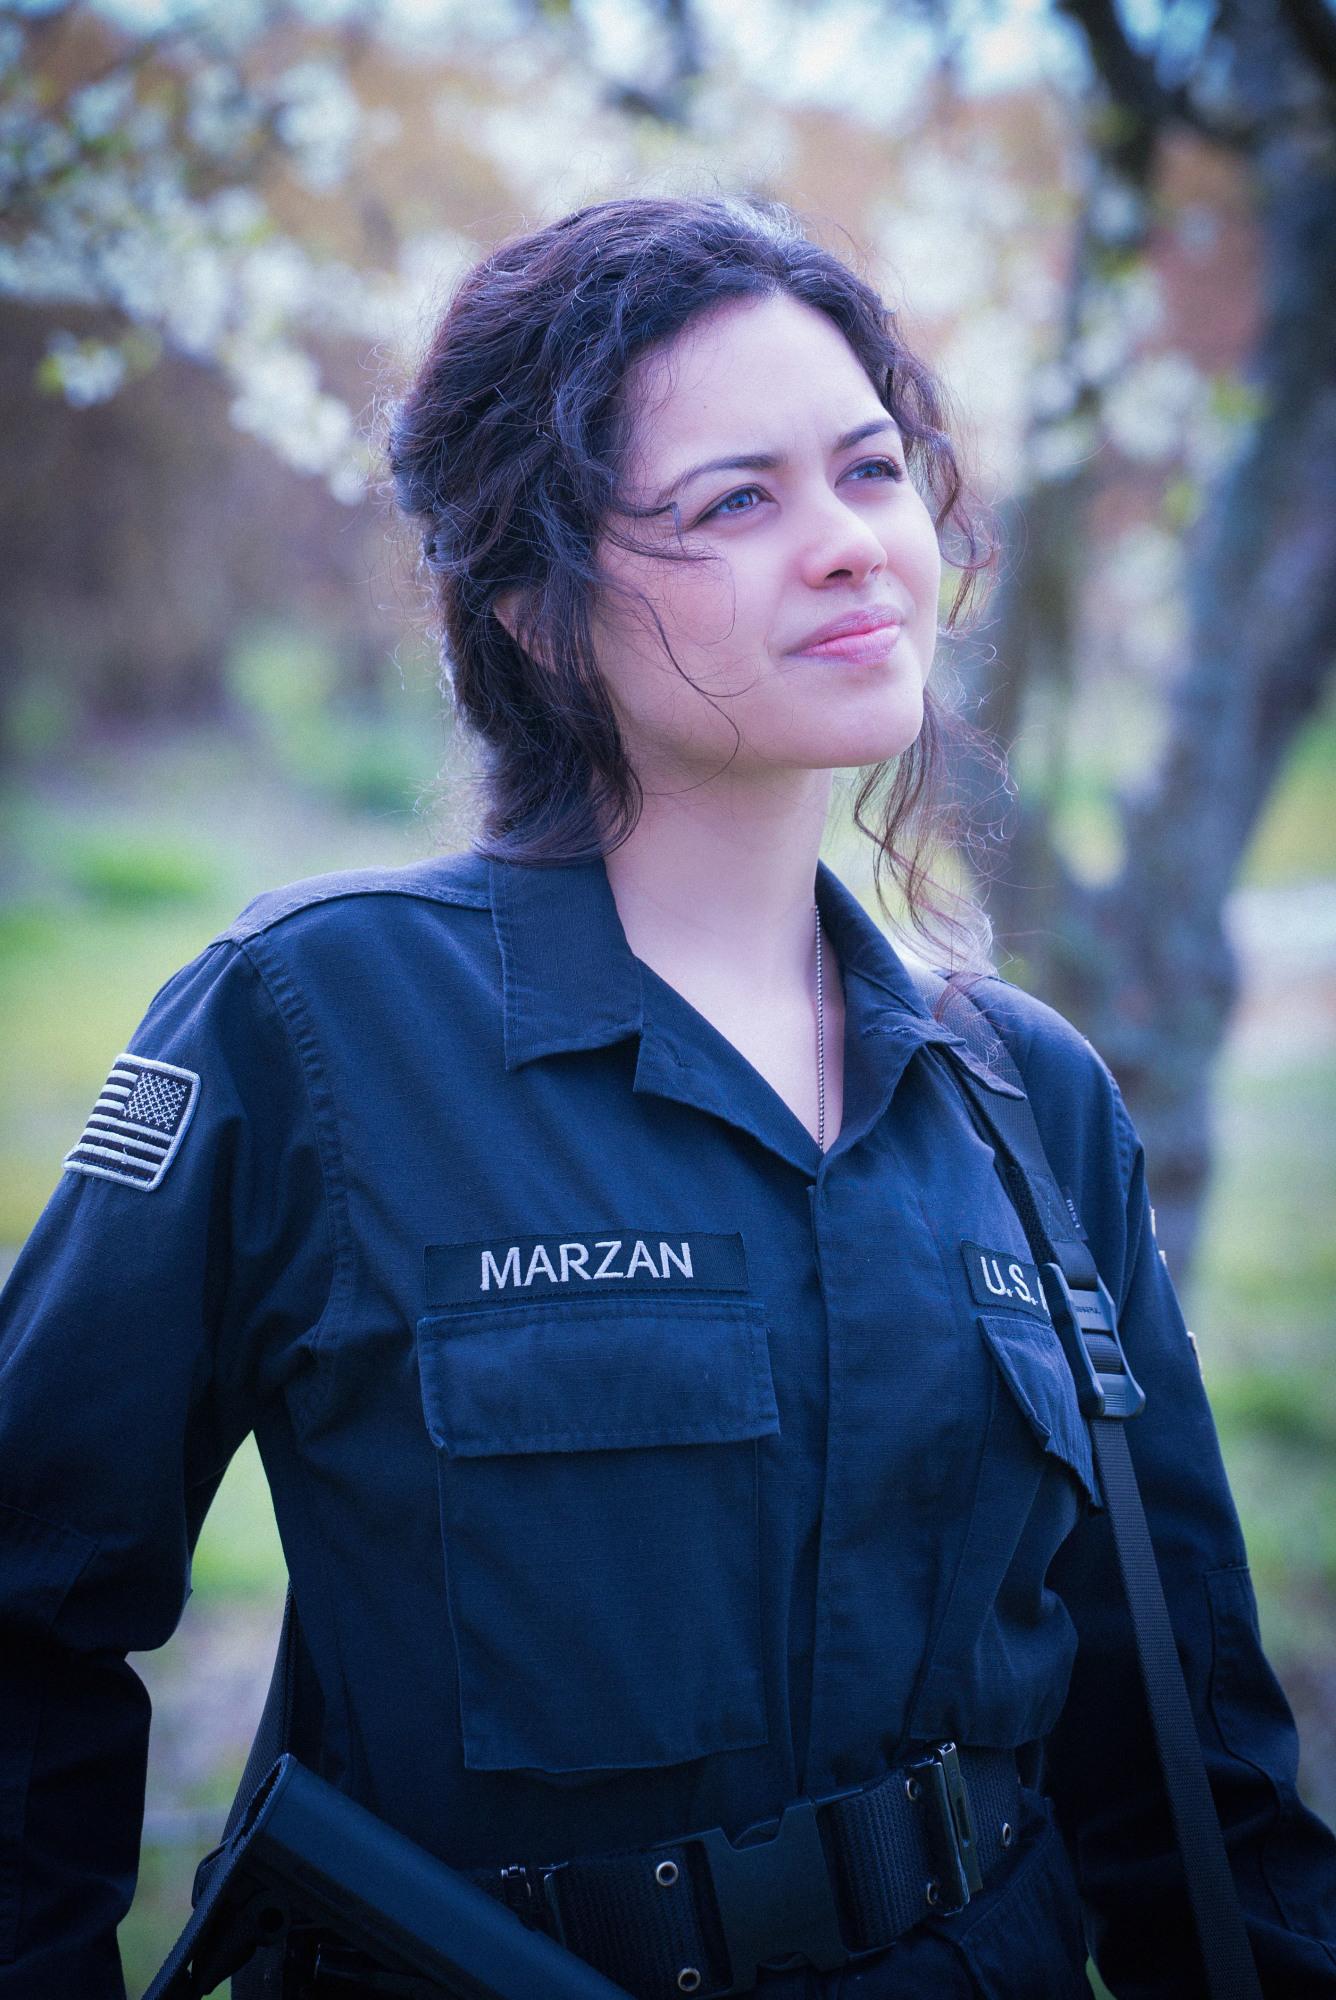 Dariela Marzan assesses the team's surroundings.